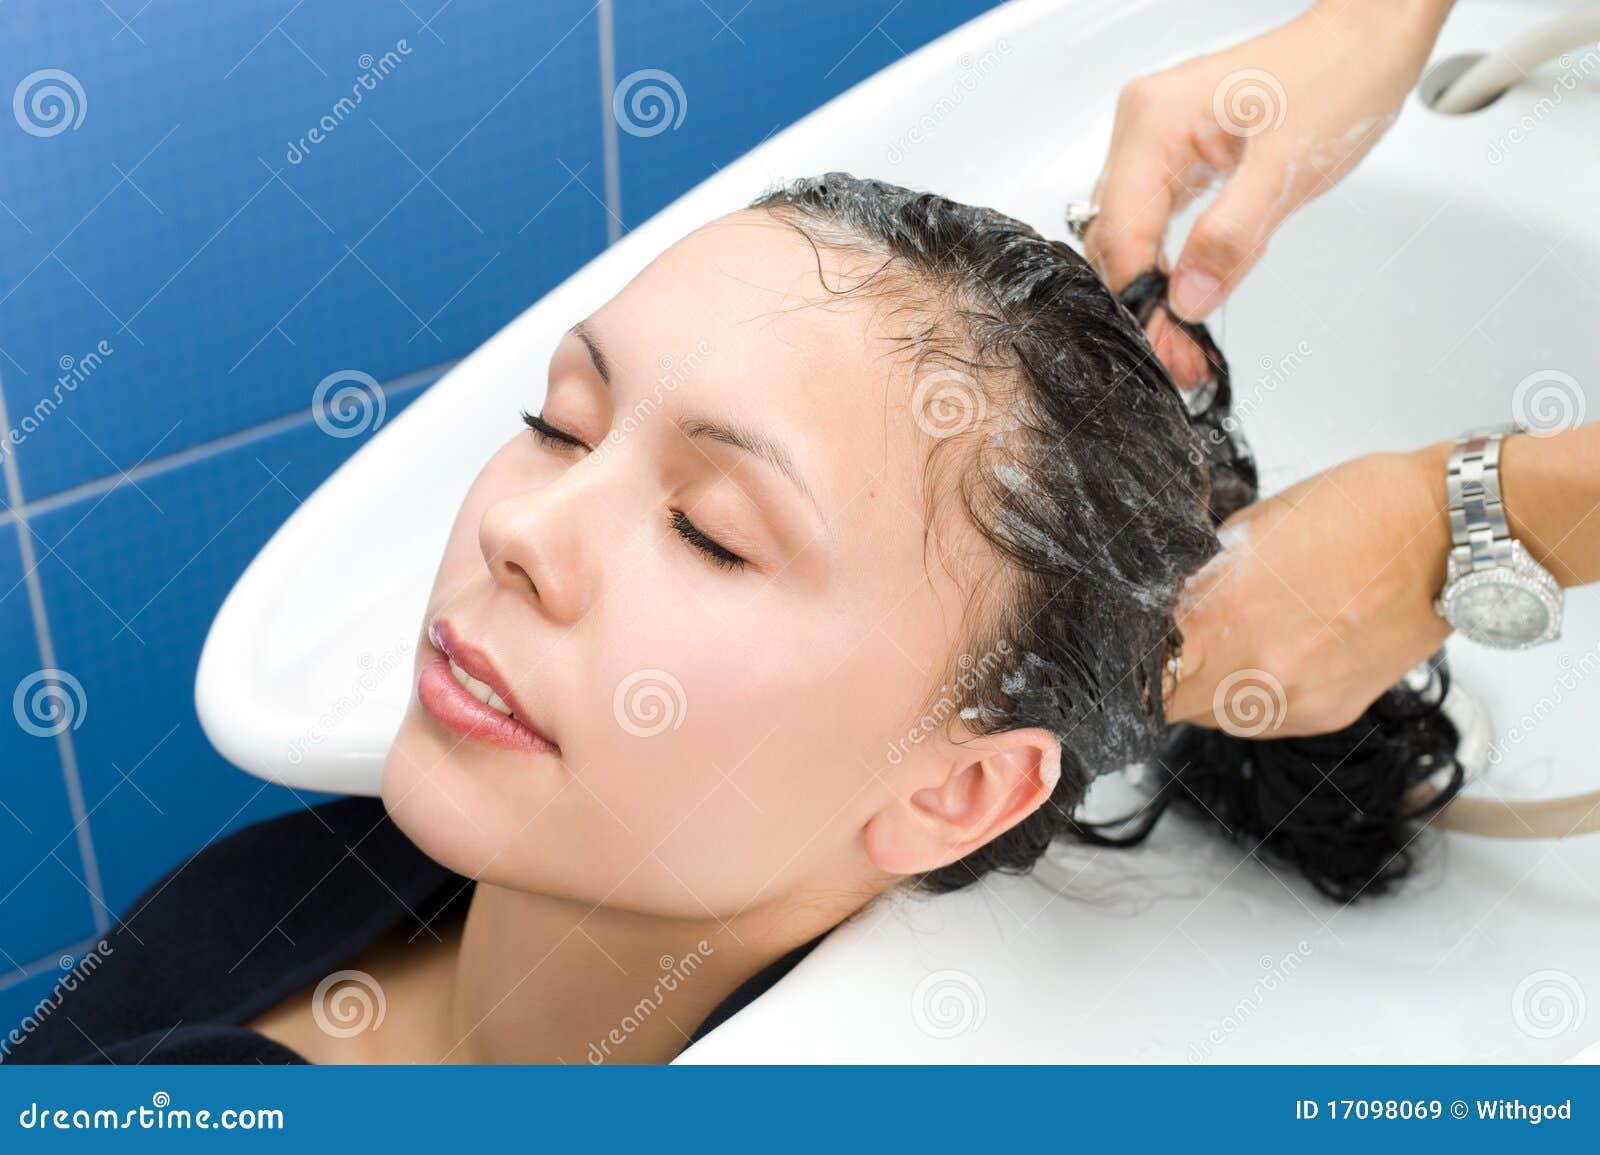 Haarreinigung